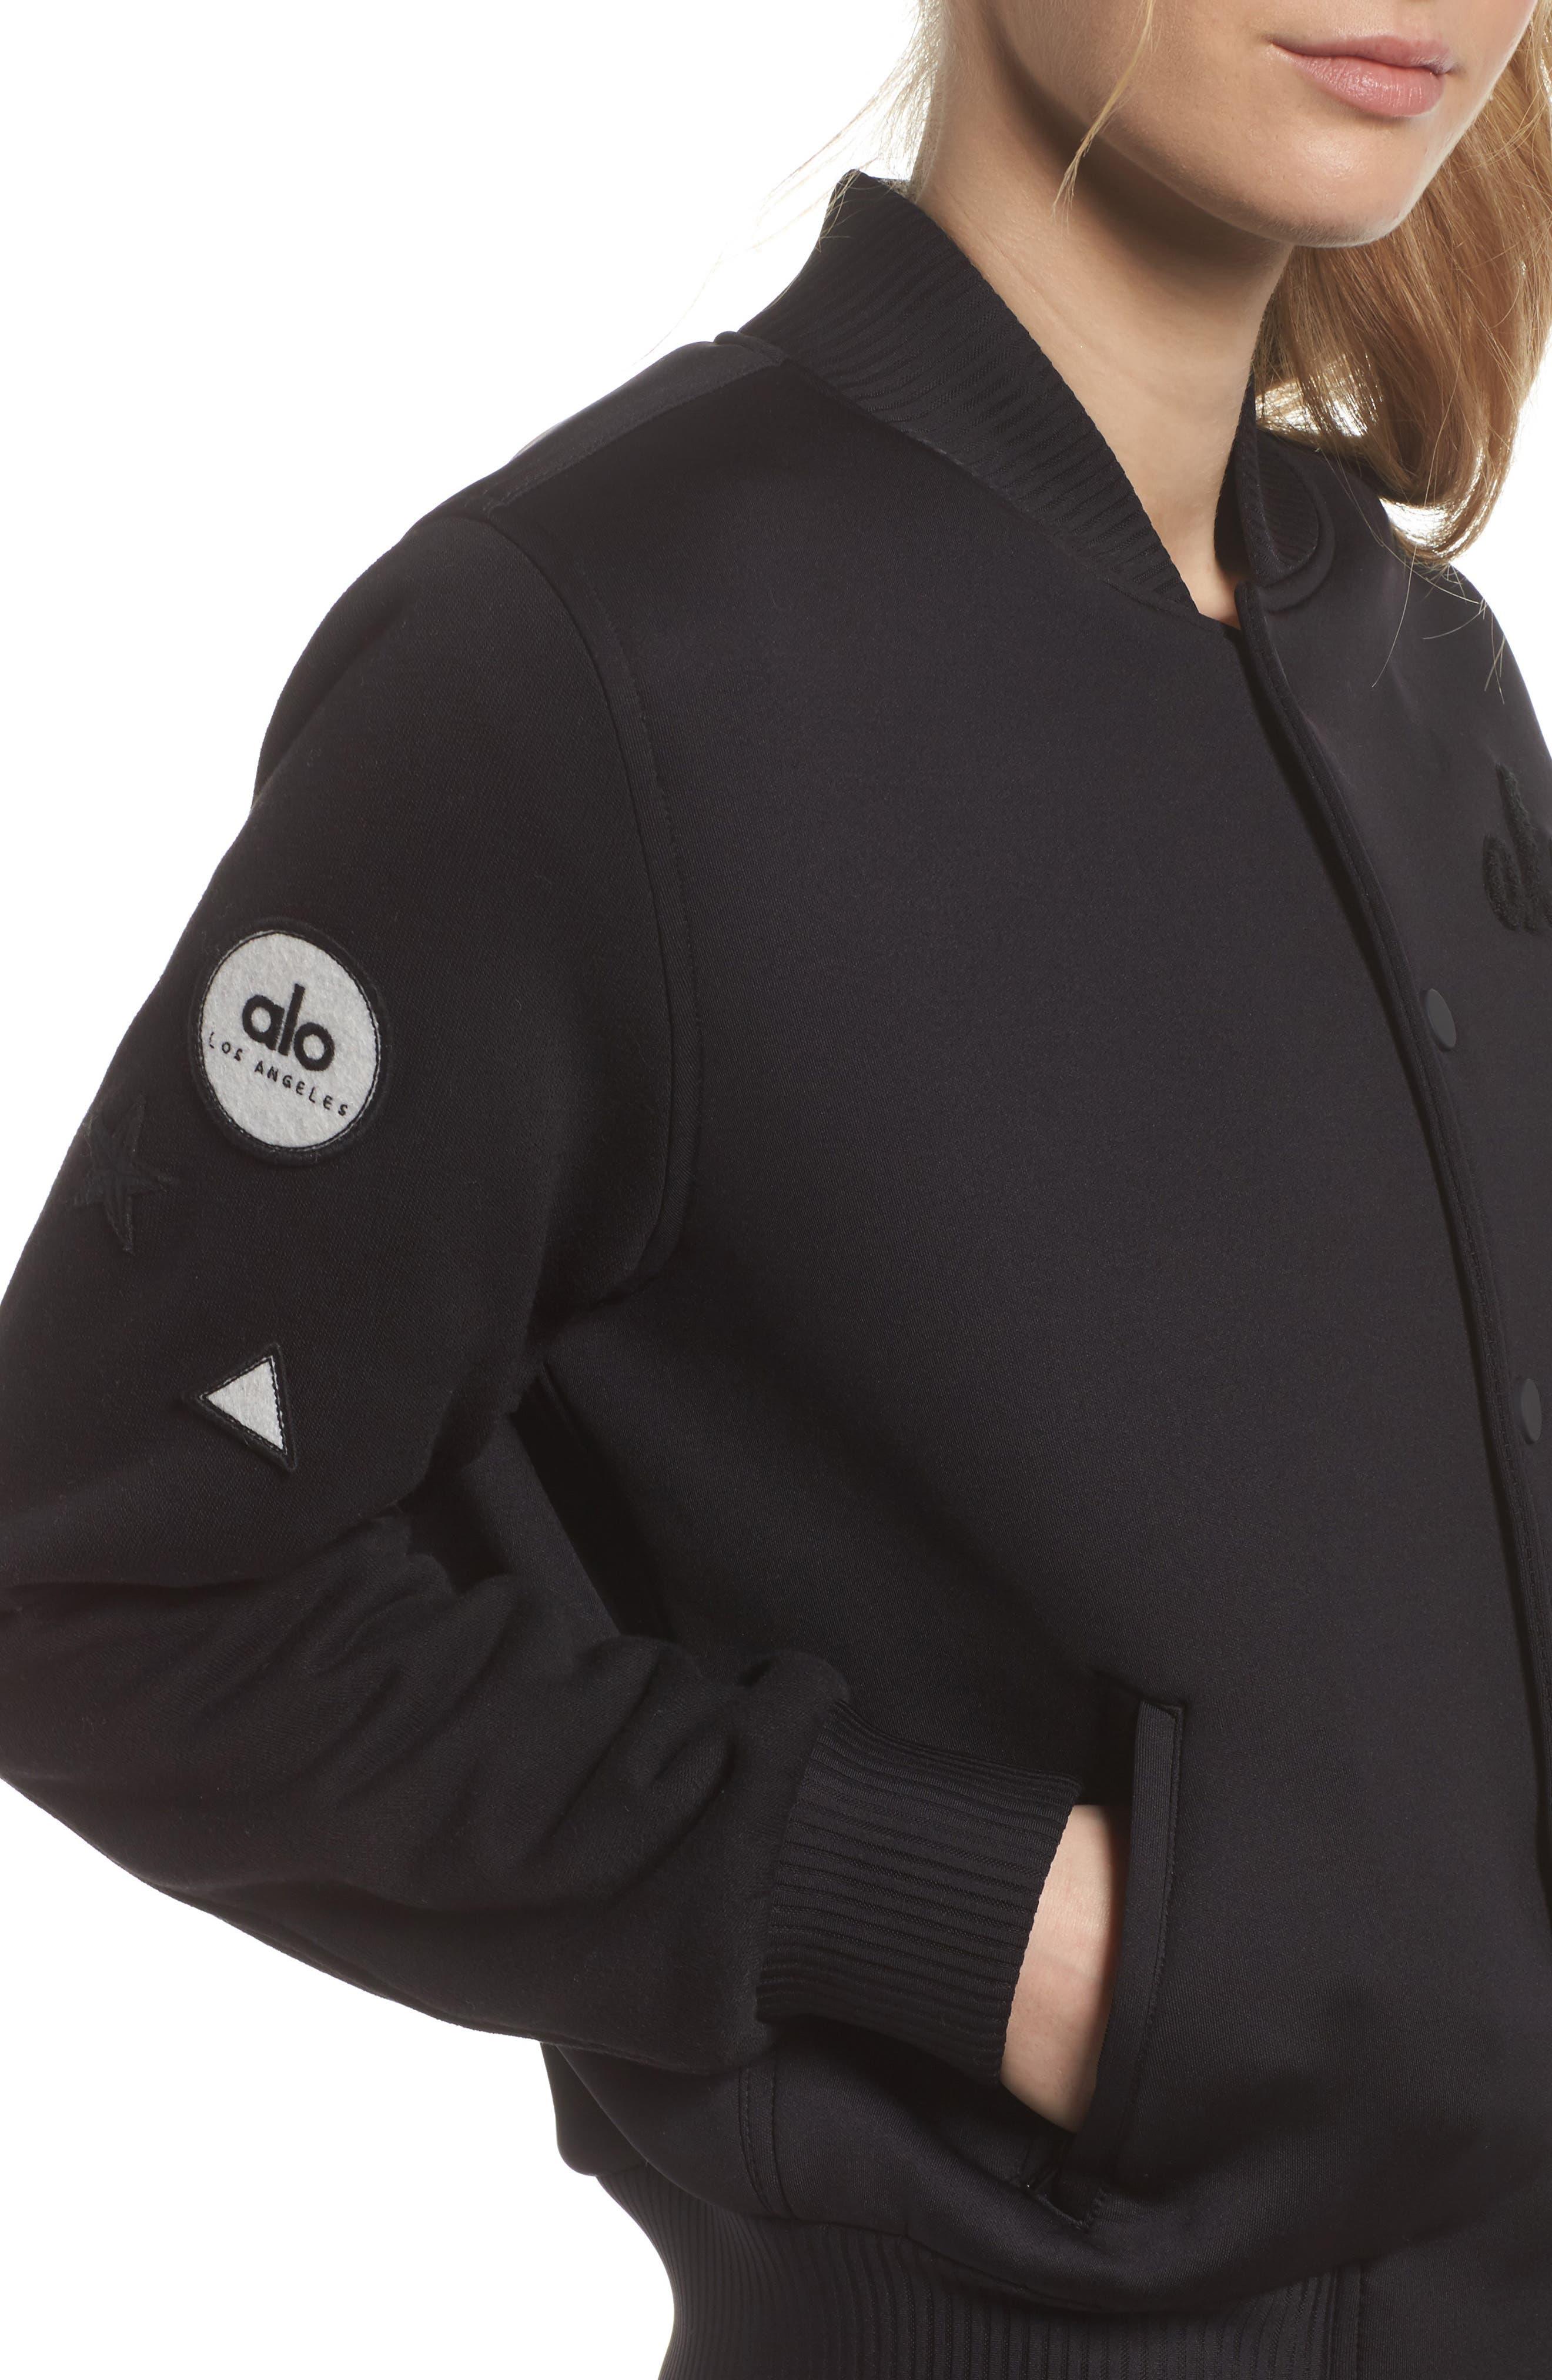 League Varsity Jacket,                             Alternate thumbnail 4, color,                             Black/ Alo Patches